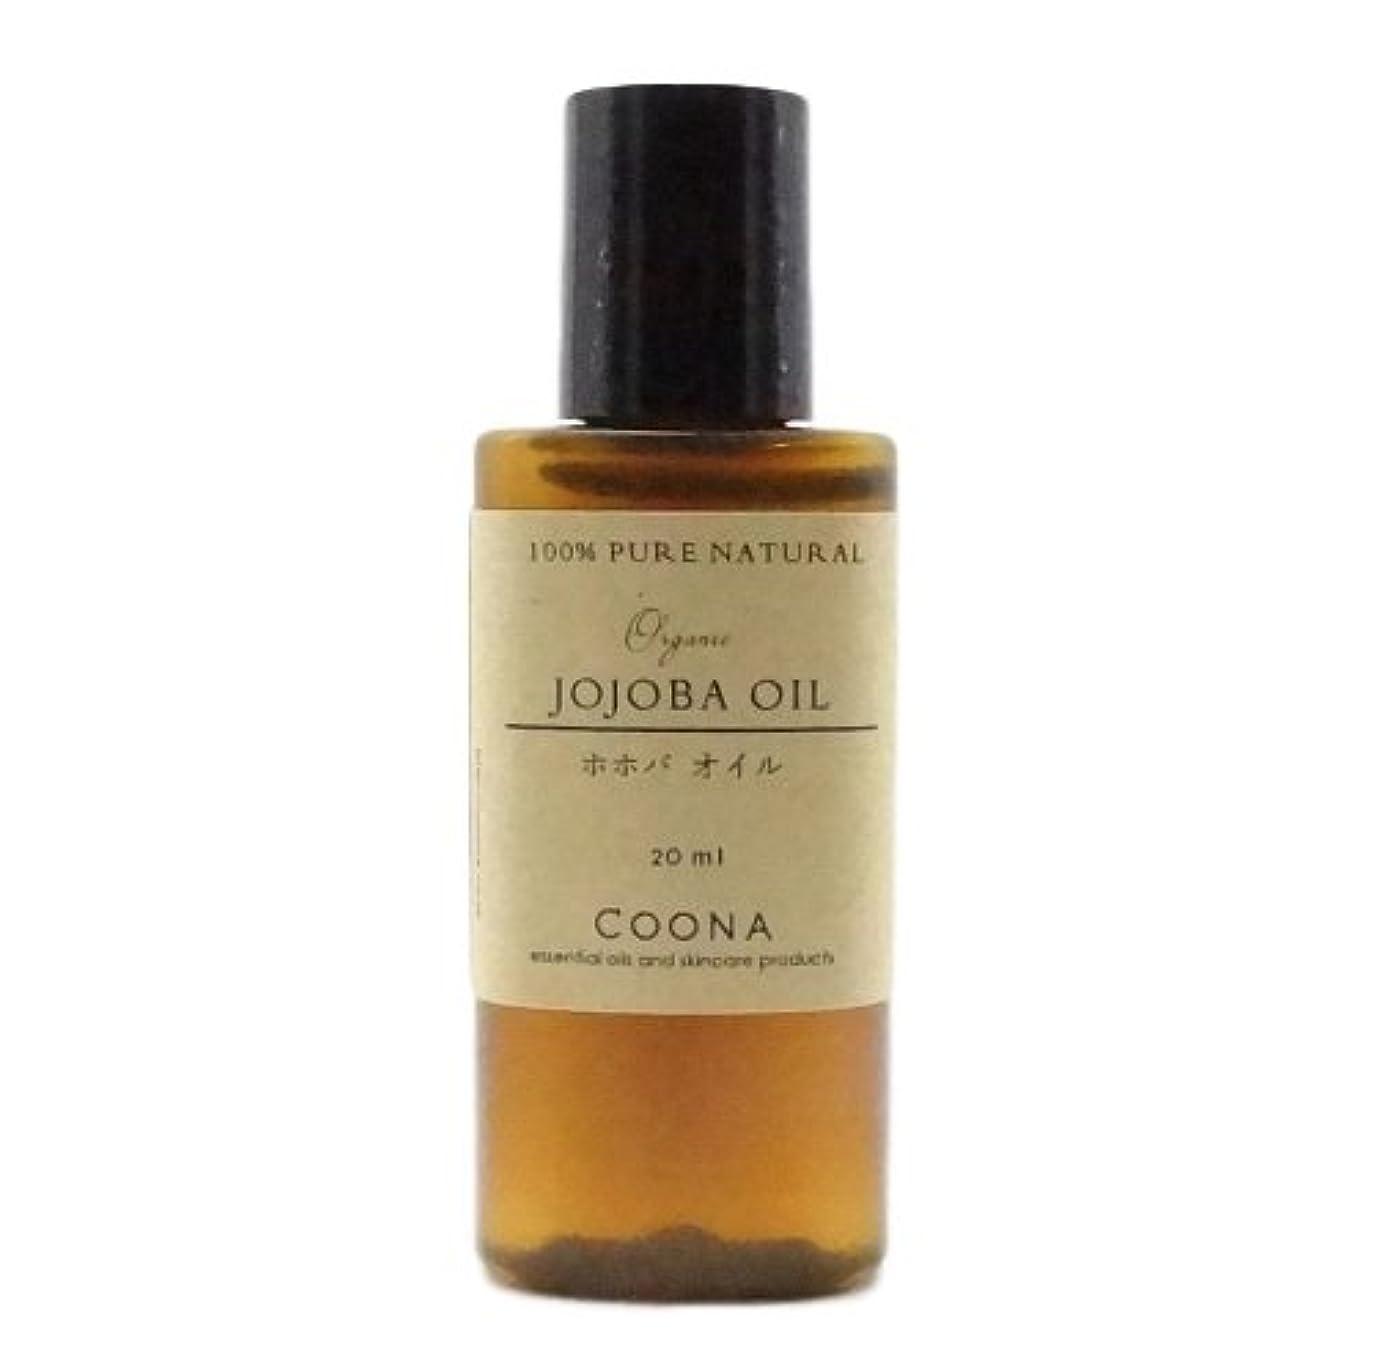 苦しむ元の薬ホホバオイル 20 ml (COONA キャリアオイル ベースオイル 100%ピュア ナチュラル 天然植物油)